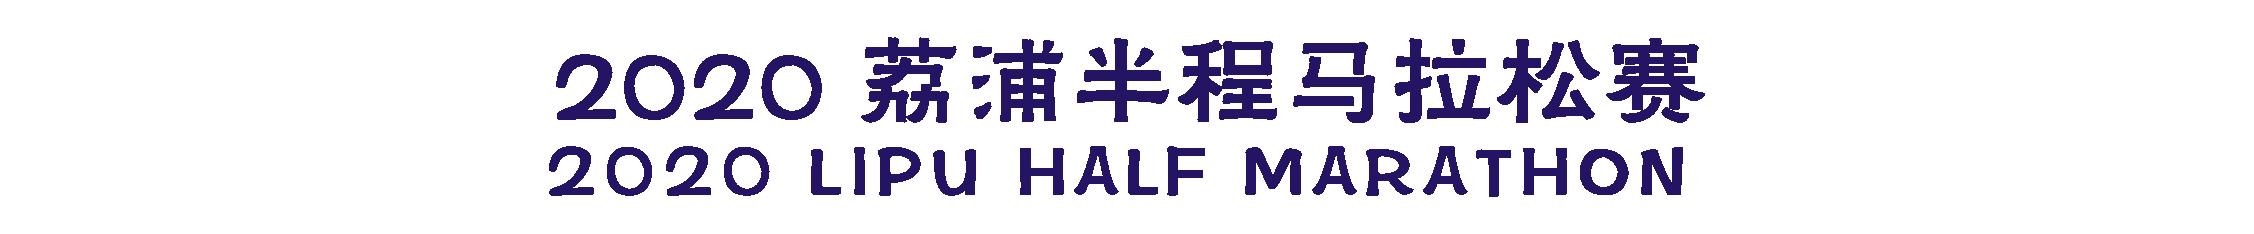 http://img.sport-china.cn/201117125fb350726877c.png